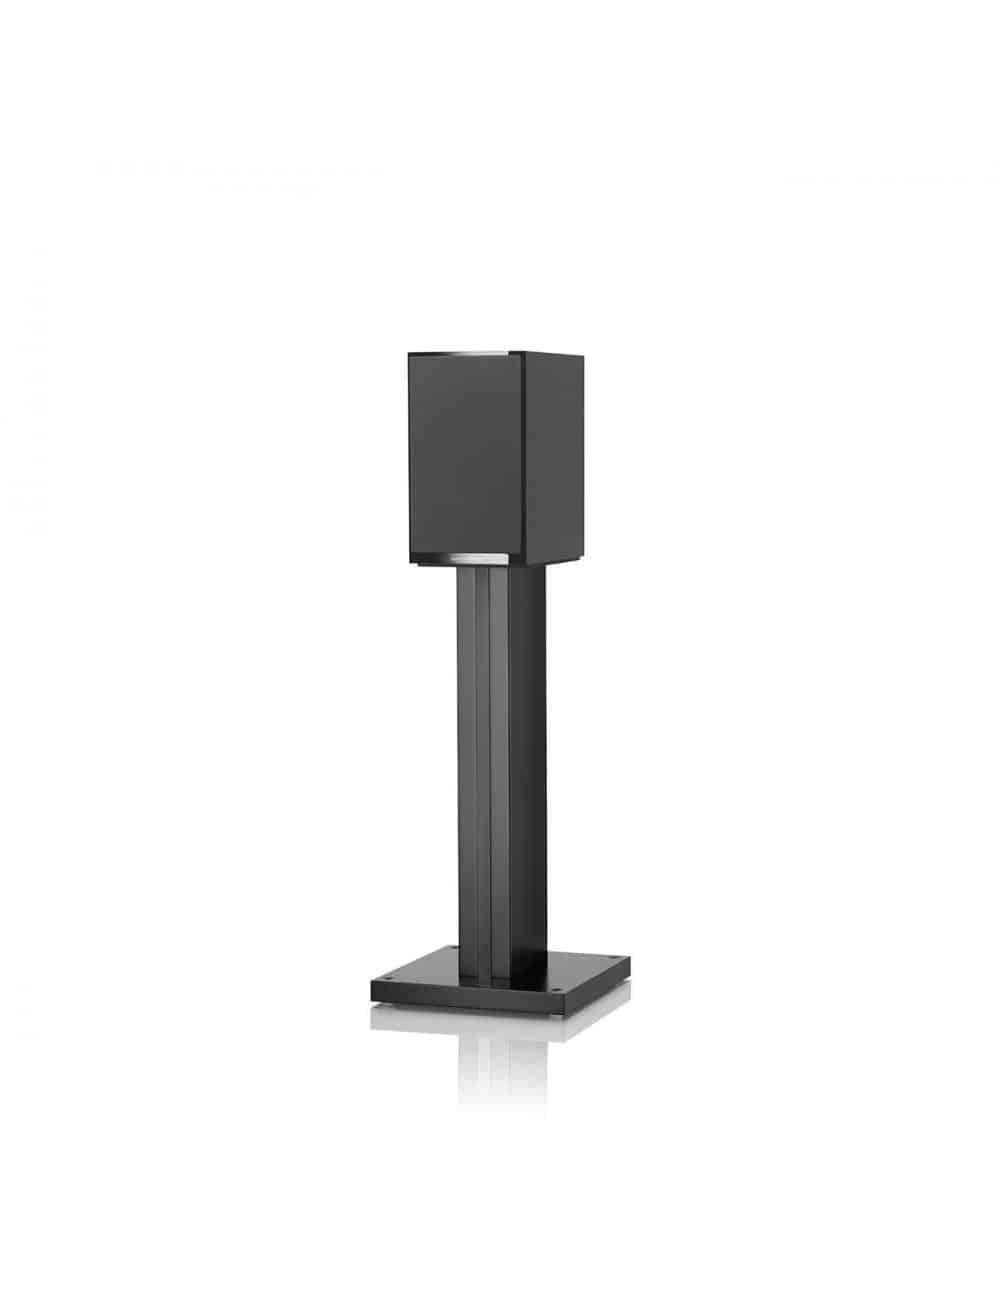 diffusori acustici da stand per hifi e home theater, Bowers & Wilkins 707, finitura nero lucido con griglia